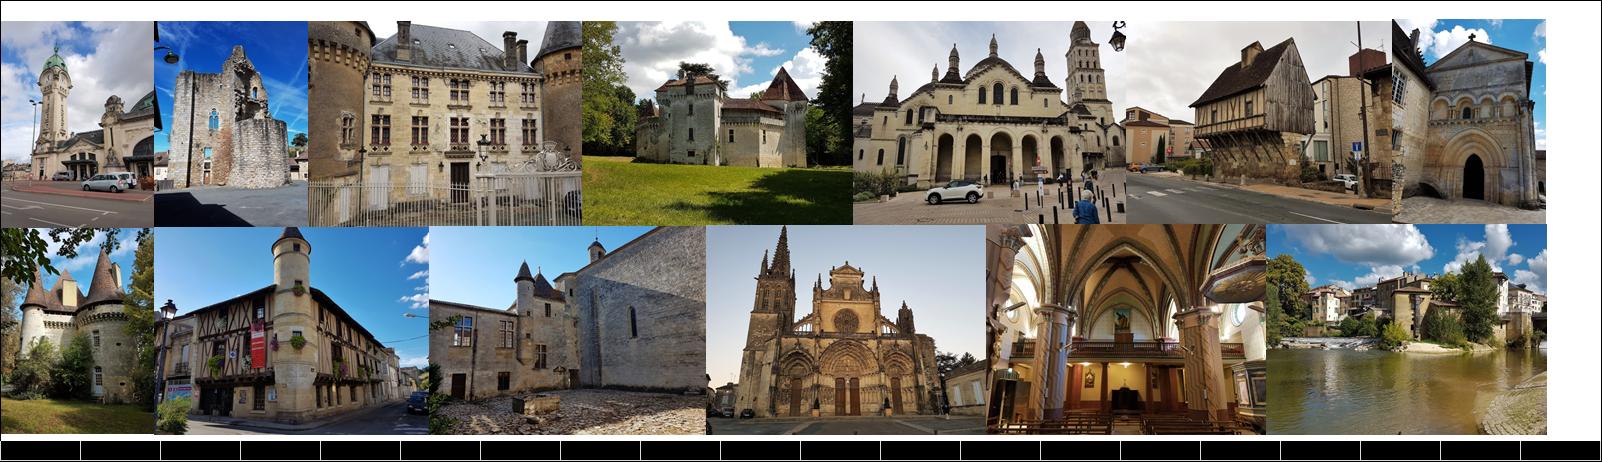 Gare de Limoges, Châlus, Thiviers, château de Caussade, Périgueux (cathédrale, l'Eschif), abbaye de Chancelade, château de Puyferrad, Ste Foy la Grande, abbaye de Ste Ferme, Bazas, Roquefort en Marsan, Mont de Marsan.